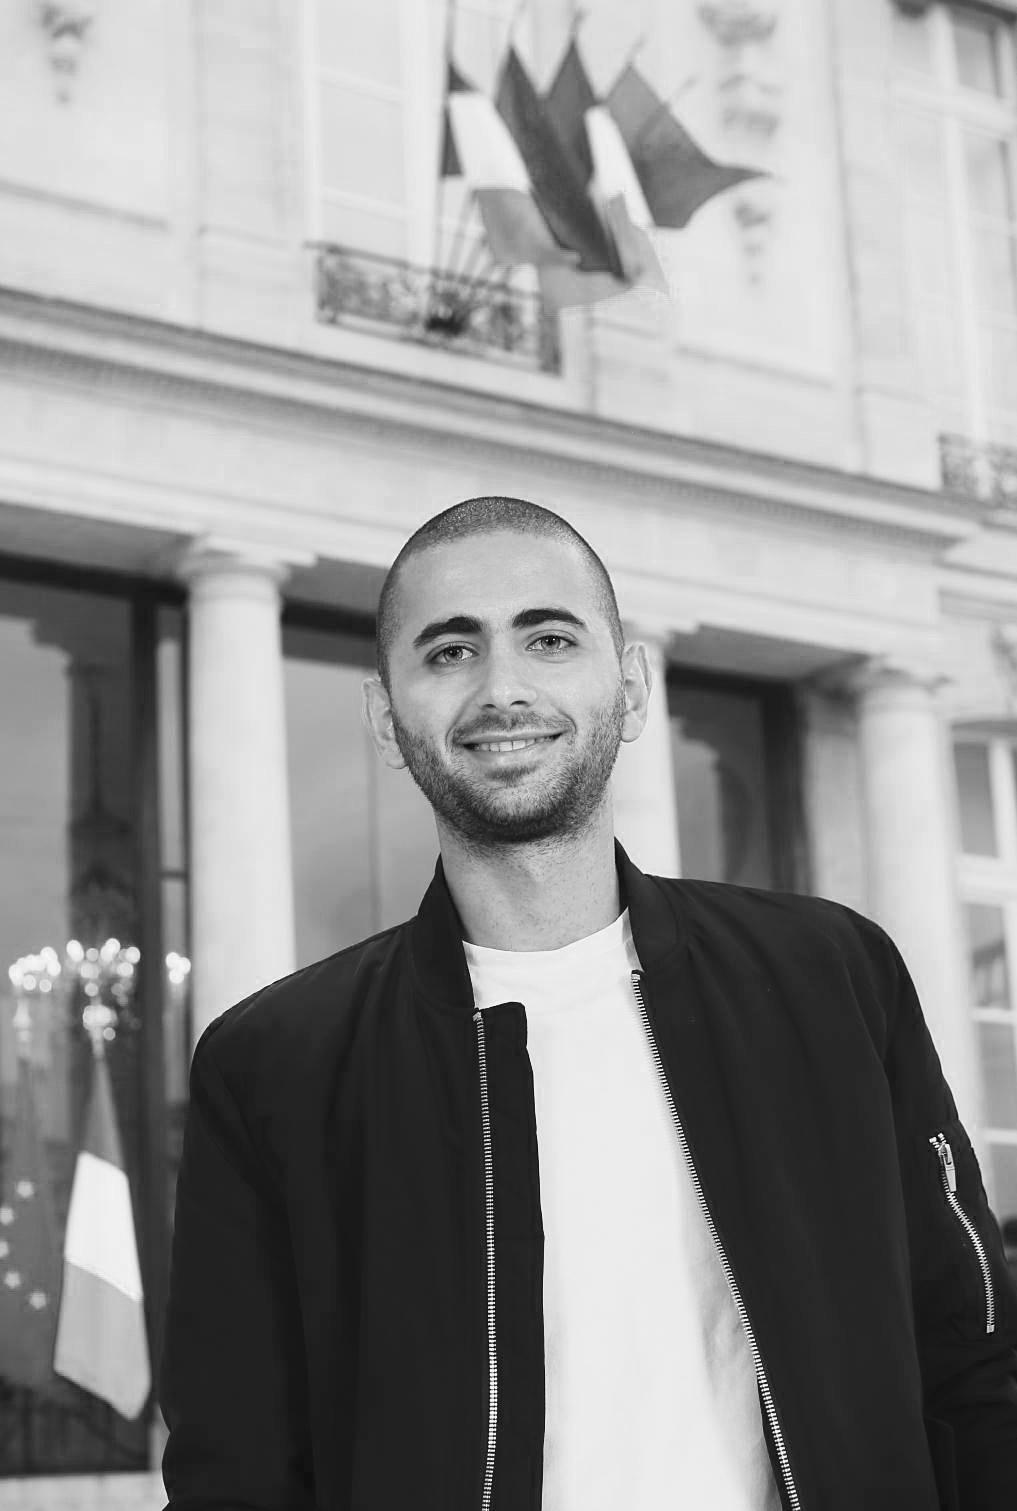 Karim AL-AWAMLEH